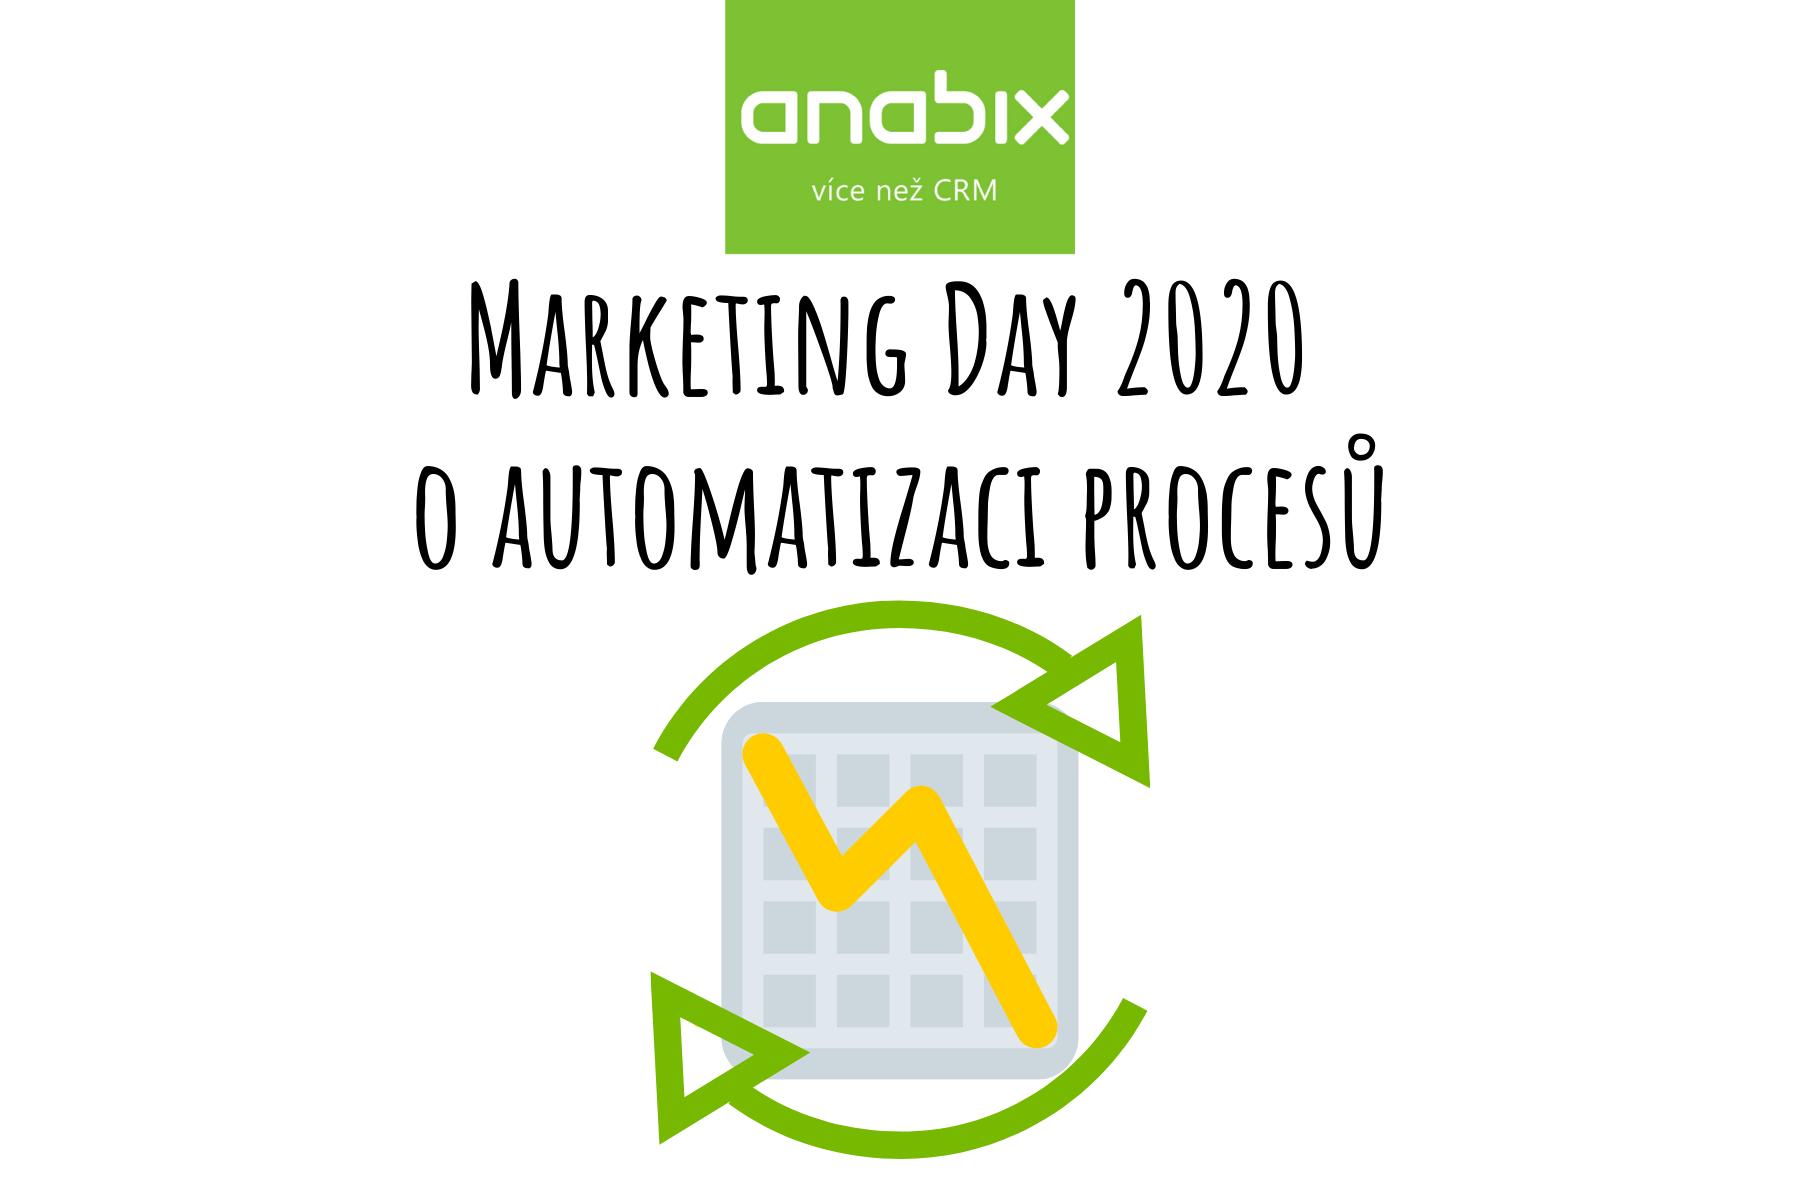 Marketing Day 2020 oautomatizaci procesů